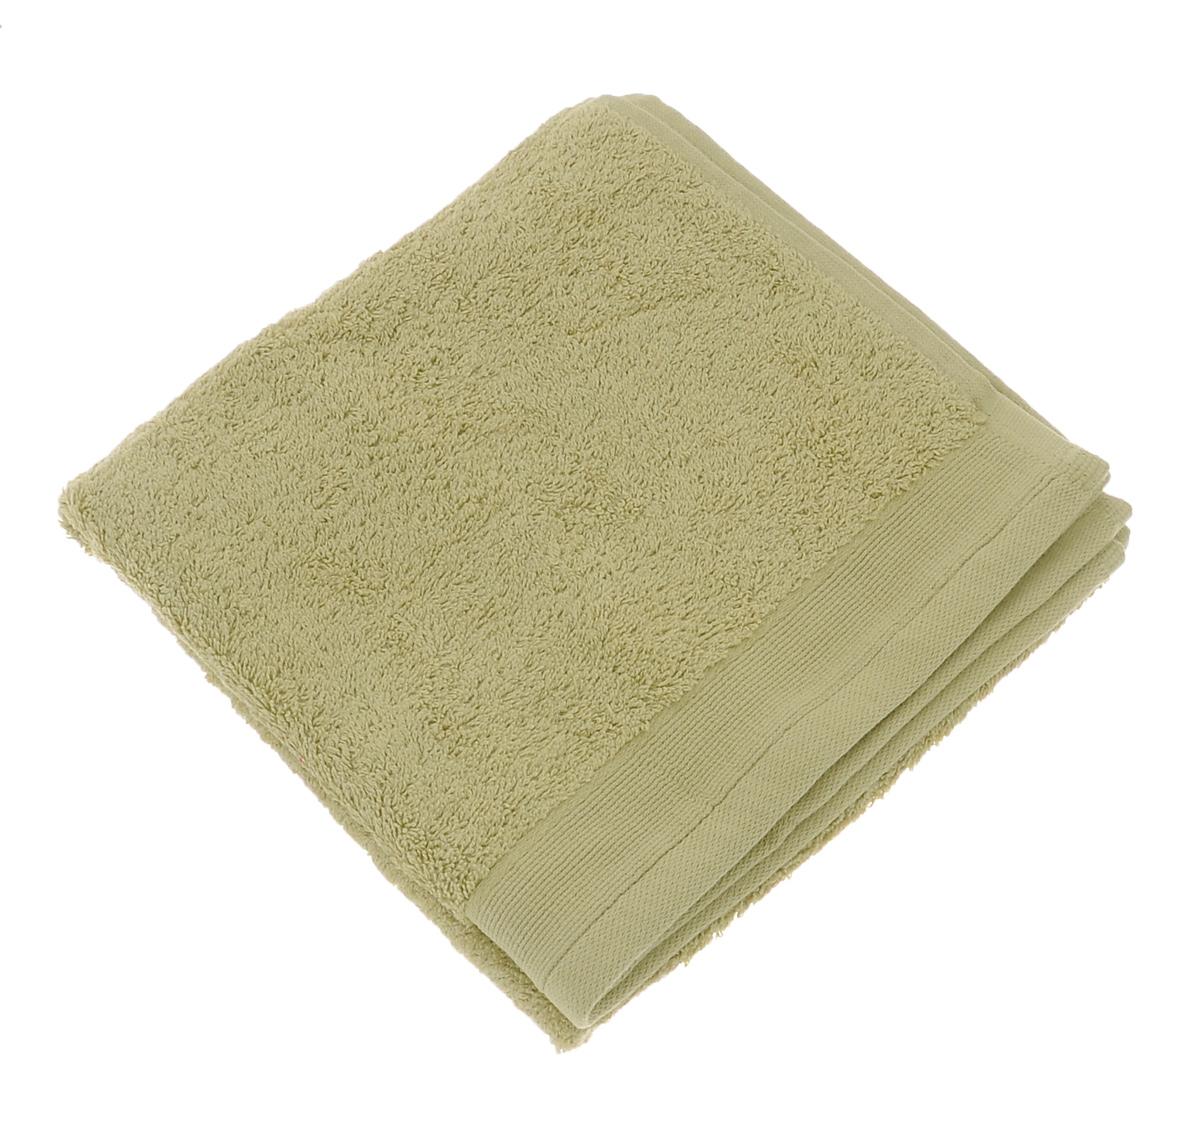 Полотенце махровое Guten Morgen, цвет: фисташковый, 50 см х 100 смRSP-202SМахровое полотенце Guten Morgen, изготовленное из натурального хлопка, прекрасно впитывает влагу и быстро сохнет. Высокая плотность ткани делает полотенце мягкими, прочными и пушистыми. При соблюдении рекомендаций по уходу изделие сохраняет яркость цвета и не теряет форму даже после многократных стирок. Махровое полотенце Guten Morgen станет достойным выбором для вас и приятным подарком для ваших близких. Мягкость и высокое качество материала, из которого изготовлено полотенце, не оставит вас равнодушными.